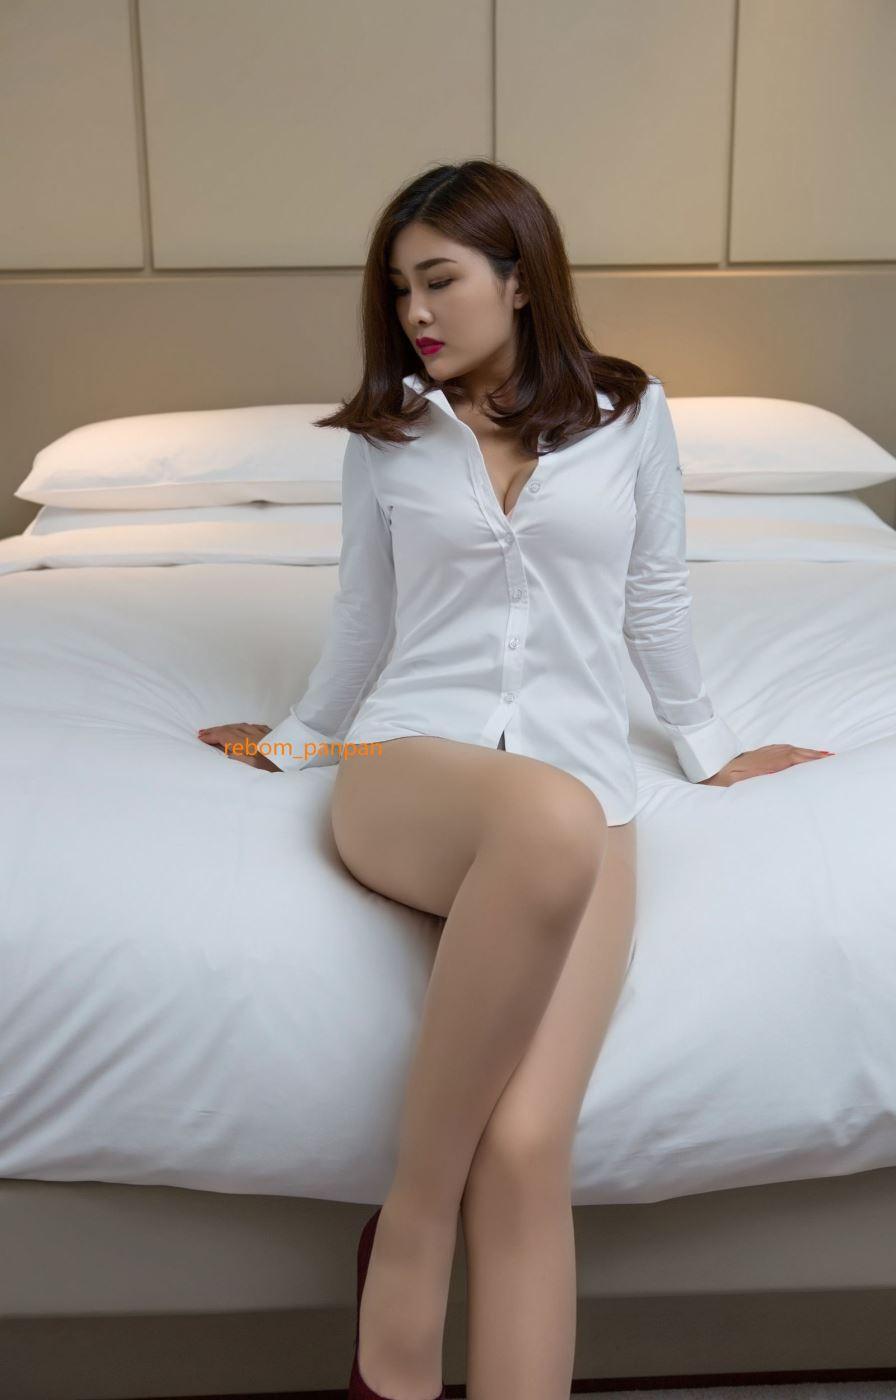 巨乳衬衫女郎网络红人闫盼盼黑丝裸足诱惑无圣光套图